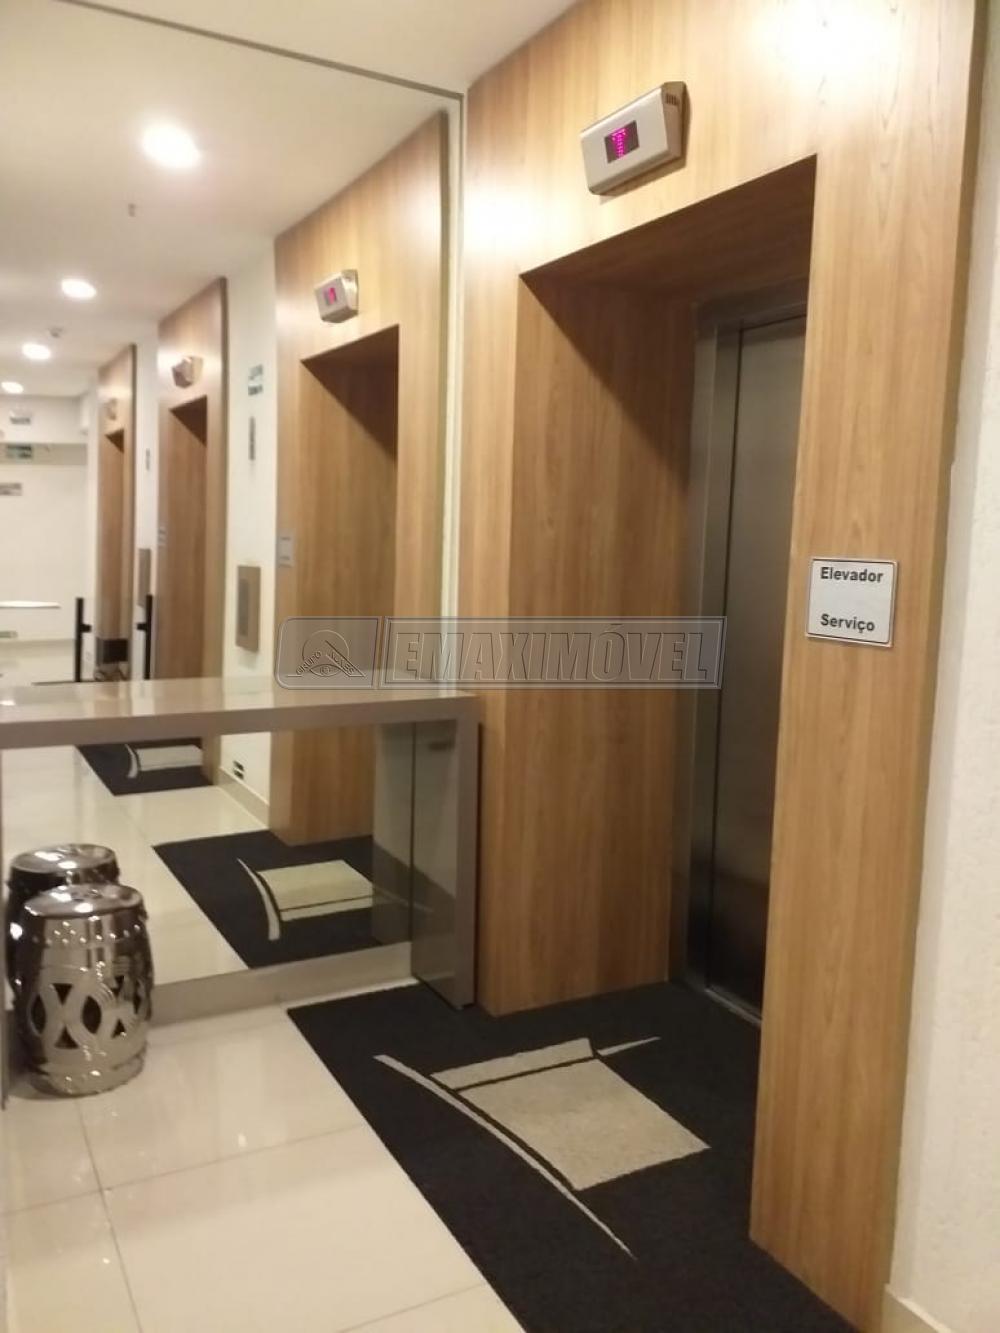 Alugar Comercial / Salas em Sorocaba apenas R$ 1.200,00 - Foto 2